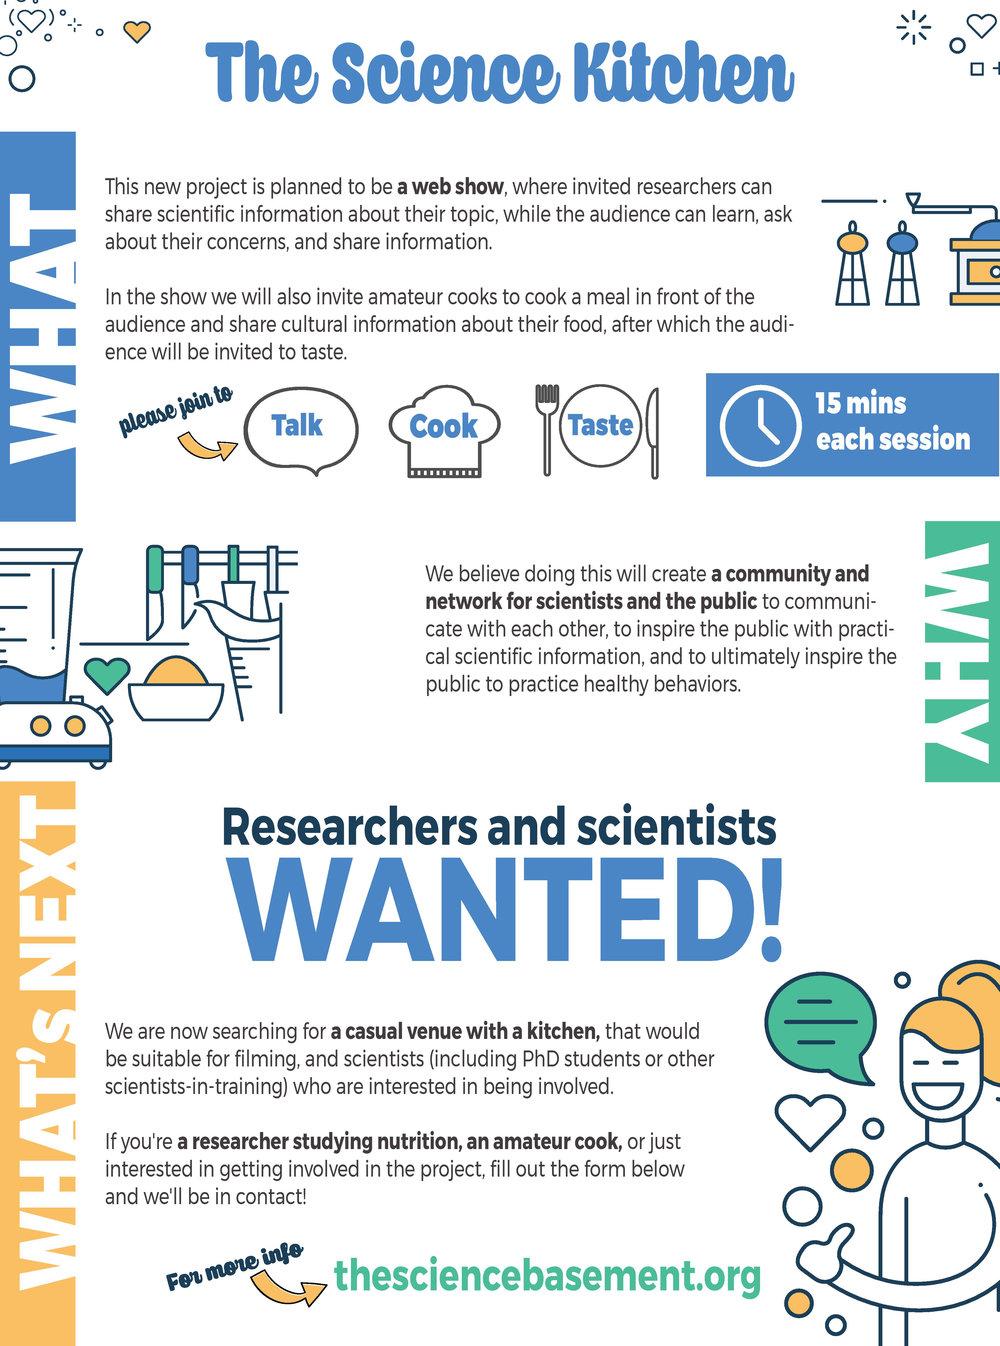 science_kitchen_poster.jpg